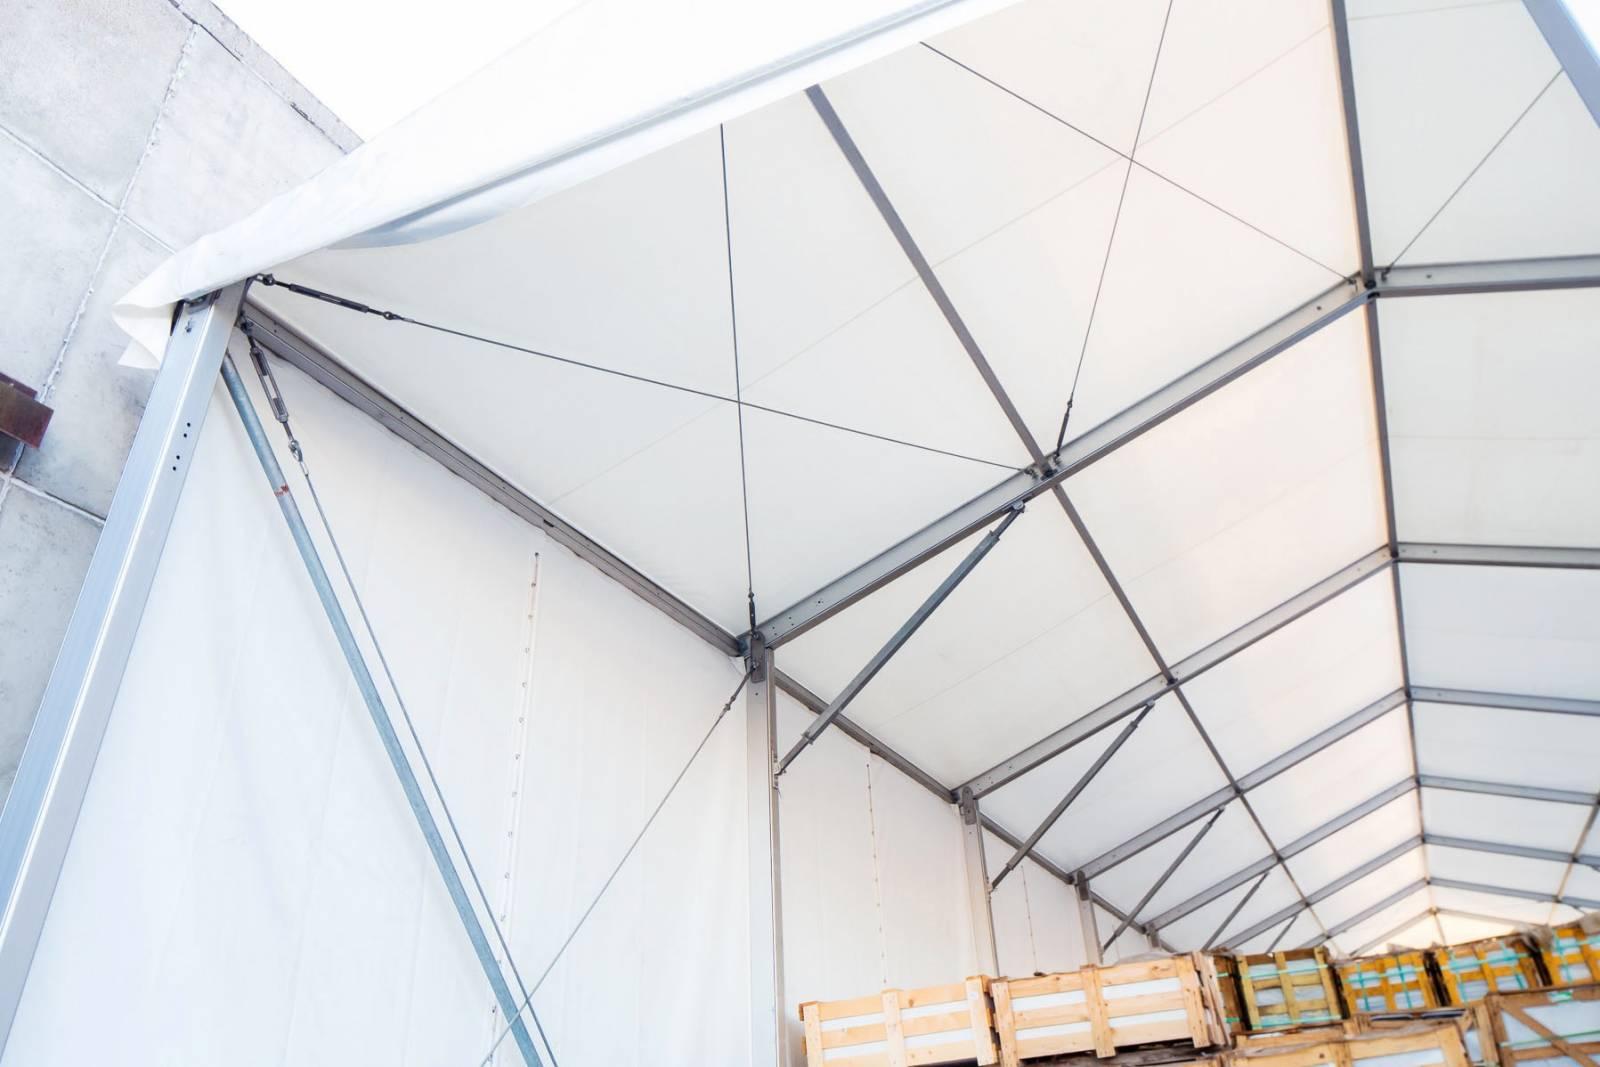 Tentmoment - Feesttent - Tent Event - Verhuur Tenten - House of Events - 49